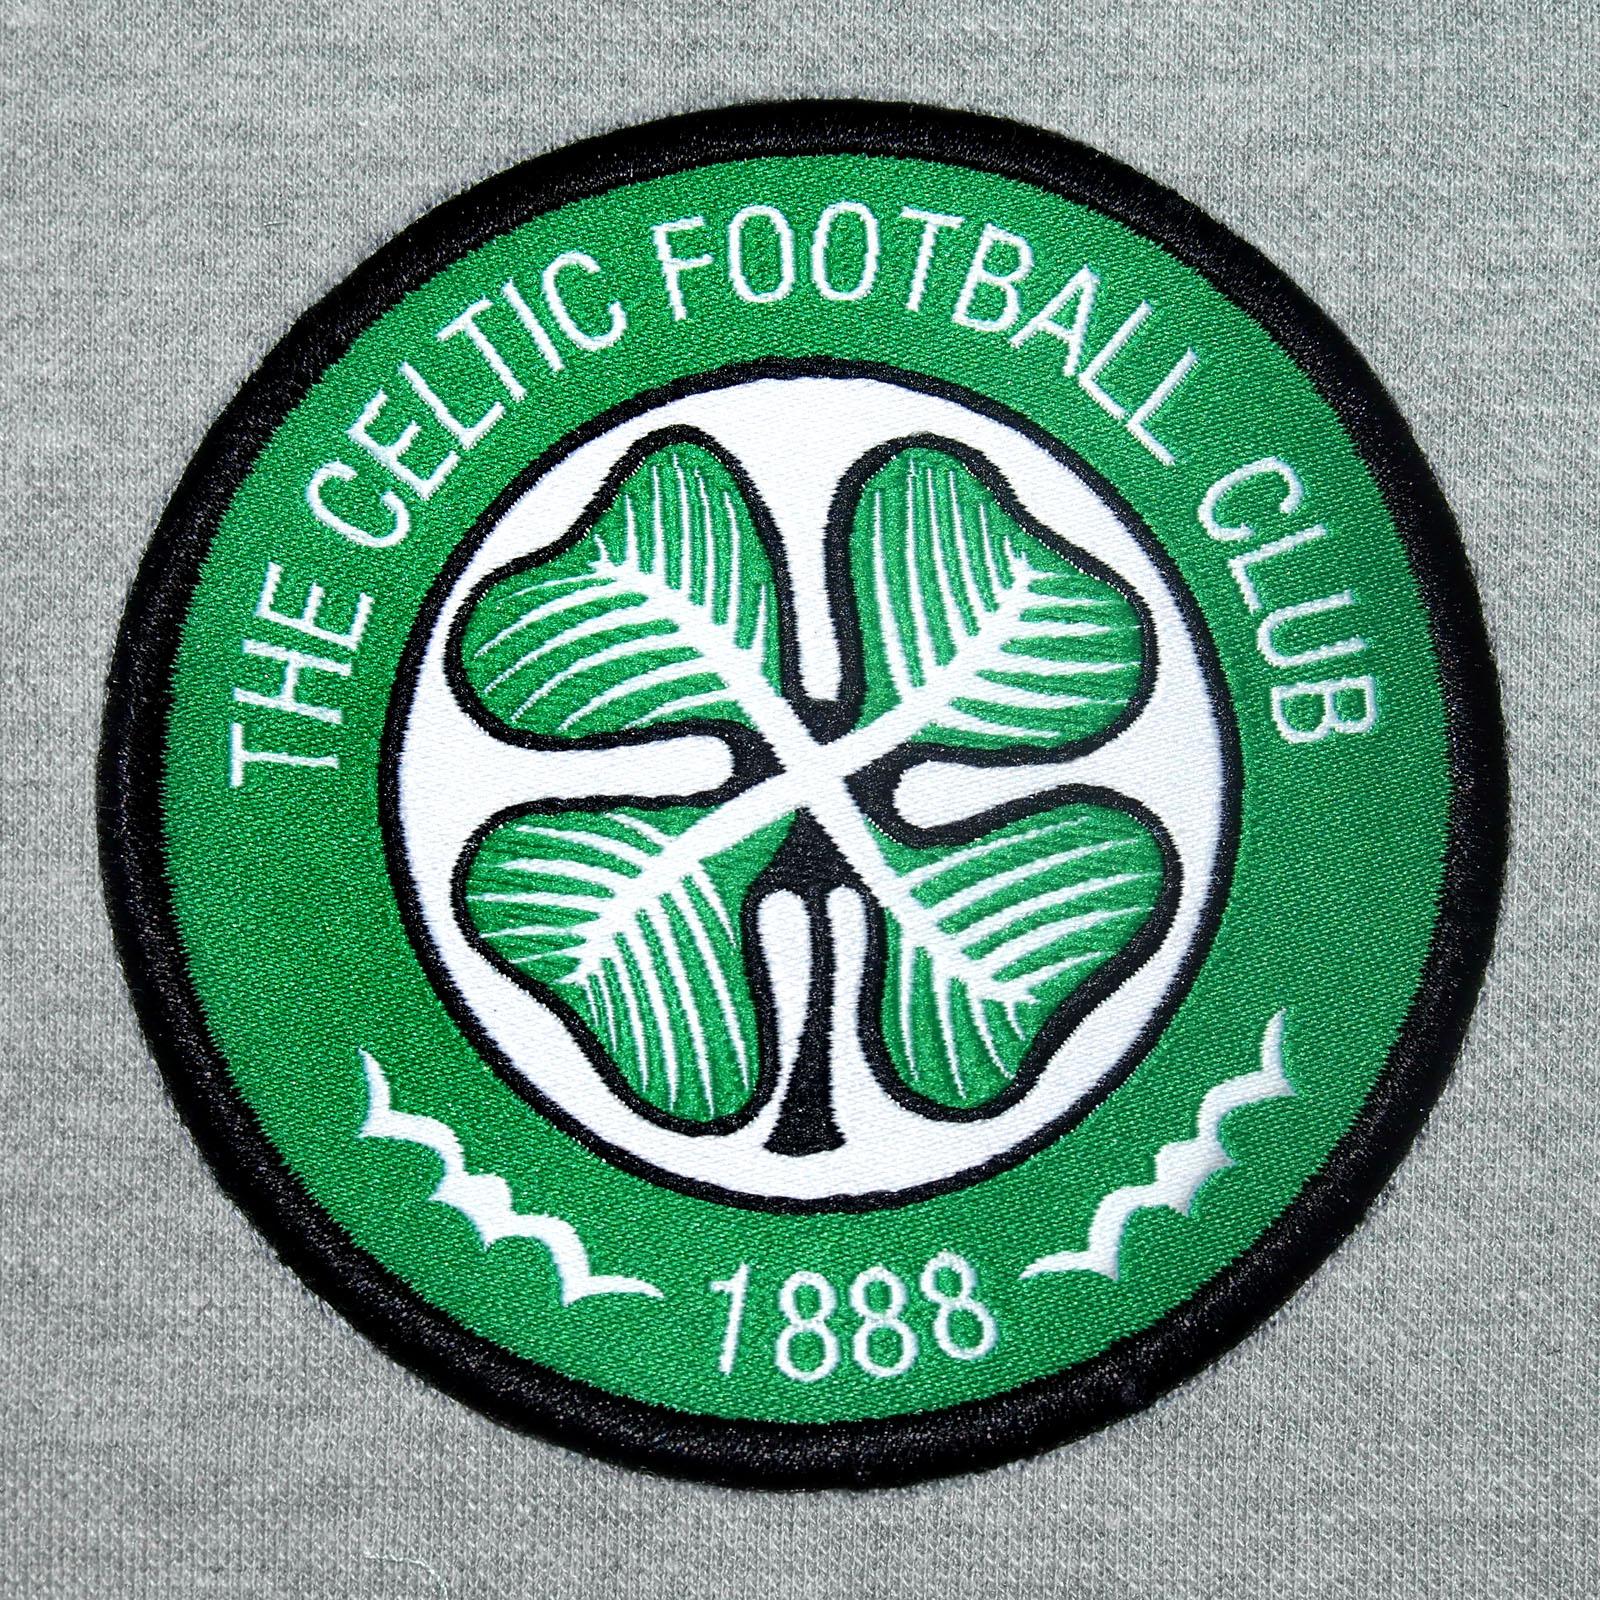 Celtic FC officiel - Polo de football pour homme - avec blason officiel - Gris - XL oOFtUfN